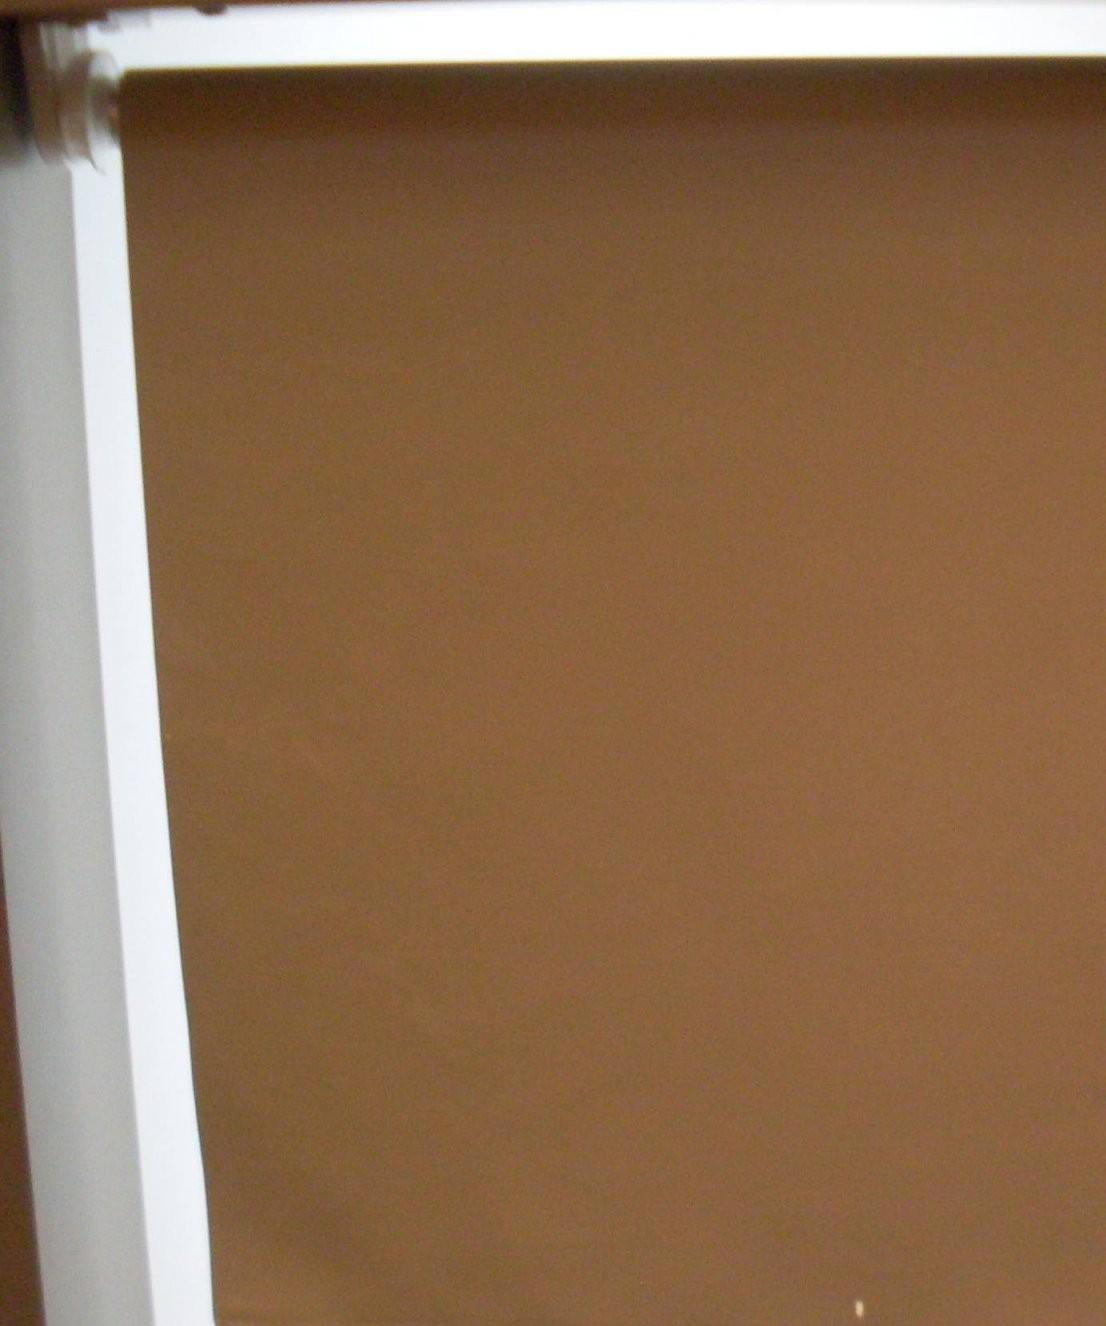 37 Ideen Zum Seitlicher Sichtschutz Für Balkon Ohne Bohren von Sichtschutz Für Balkon Ohne Bohren Bild